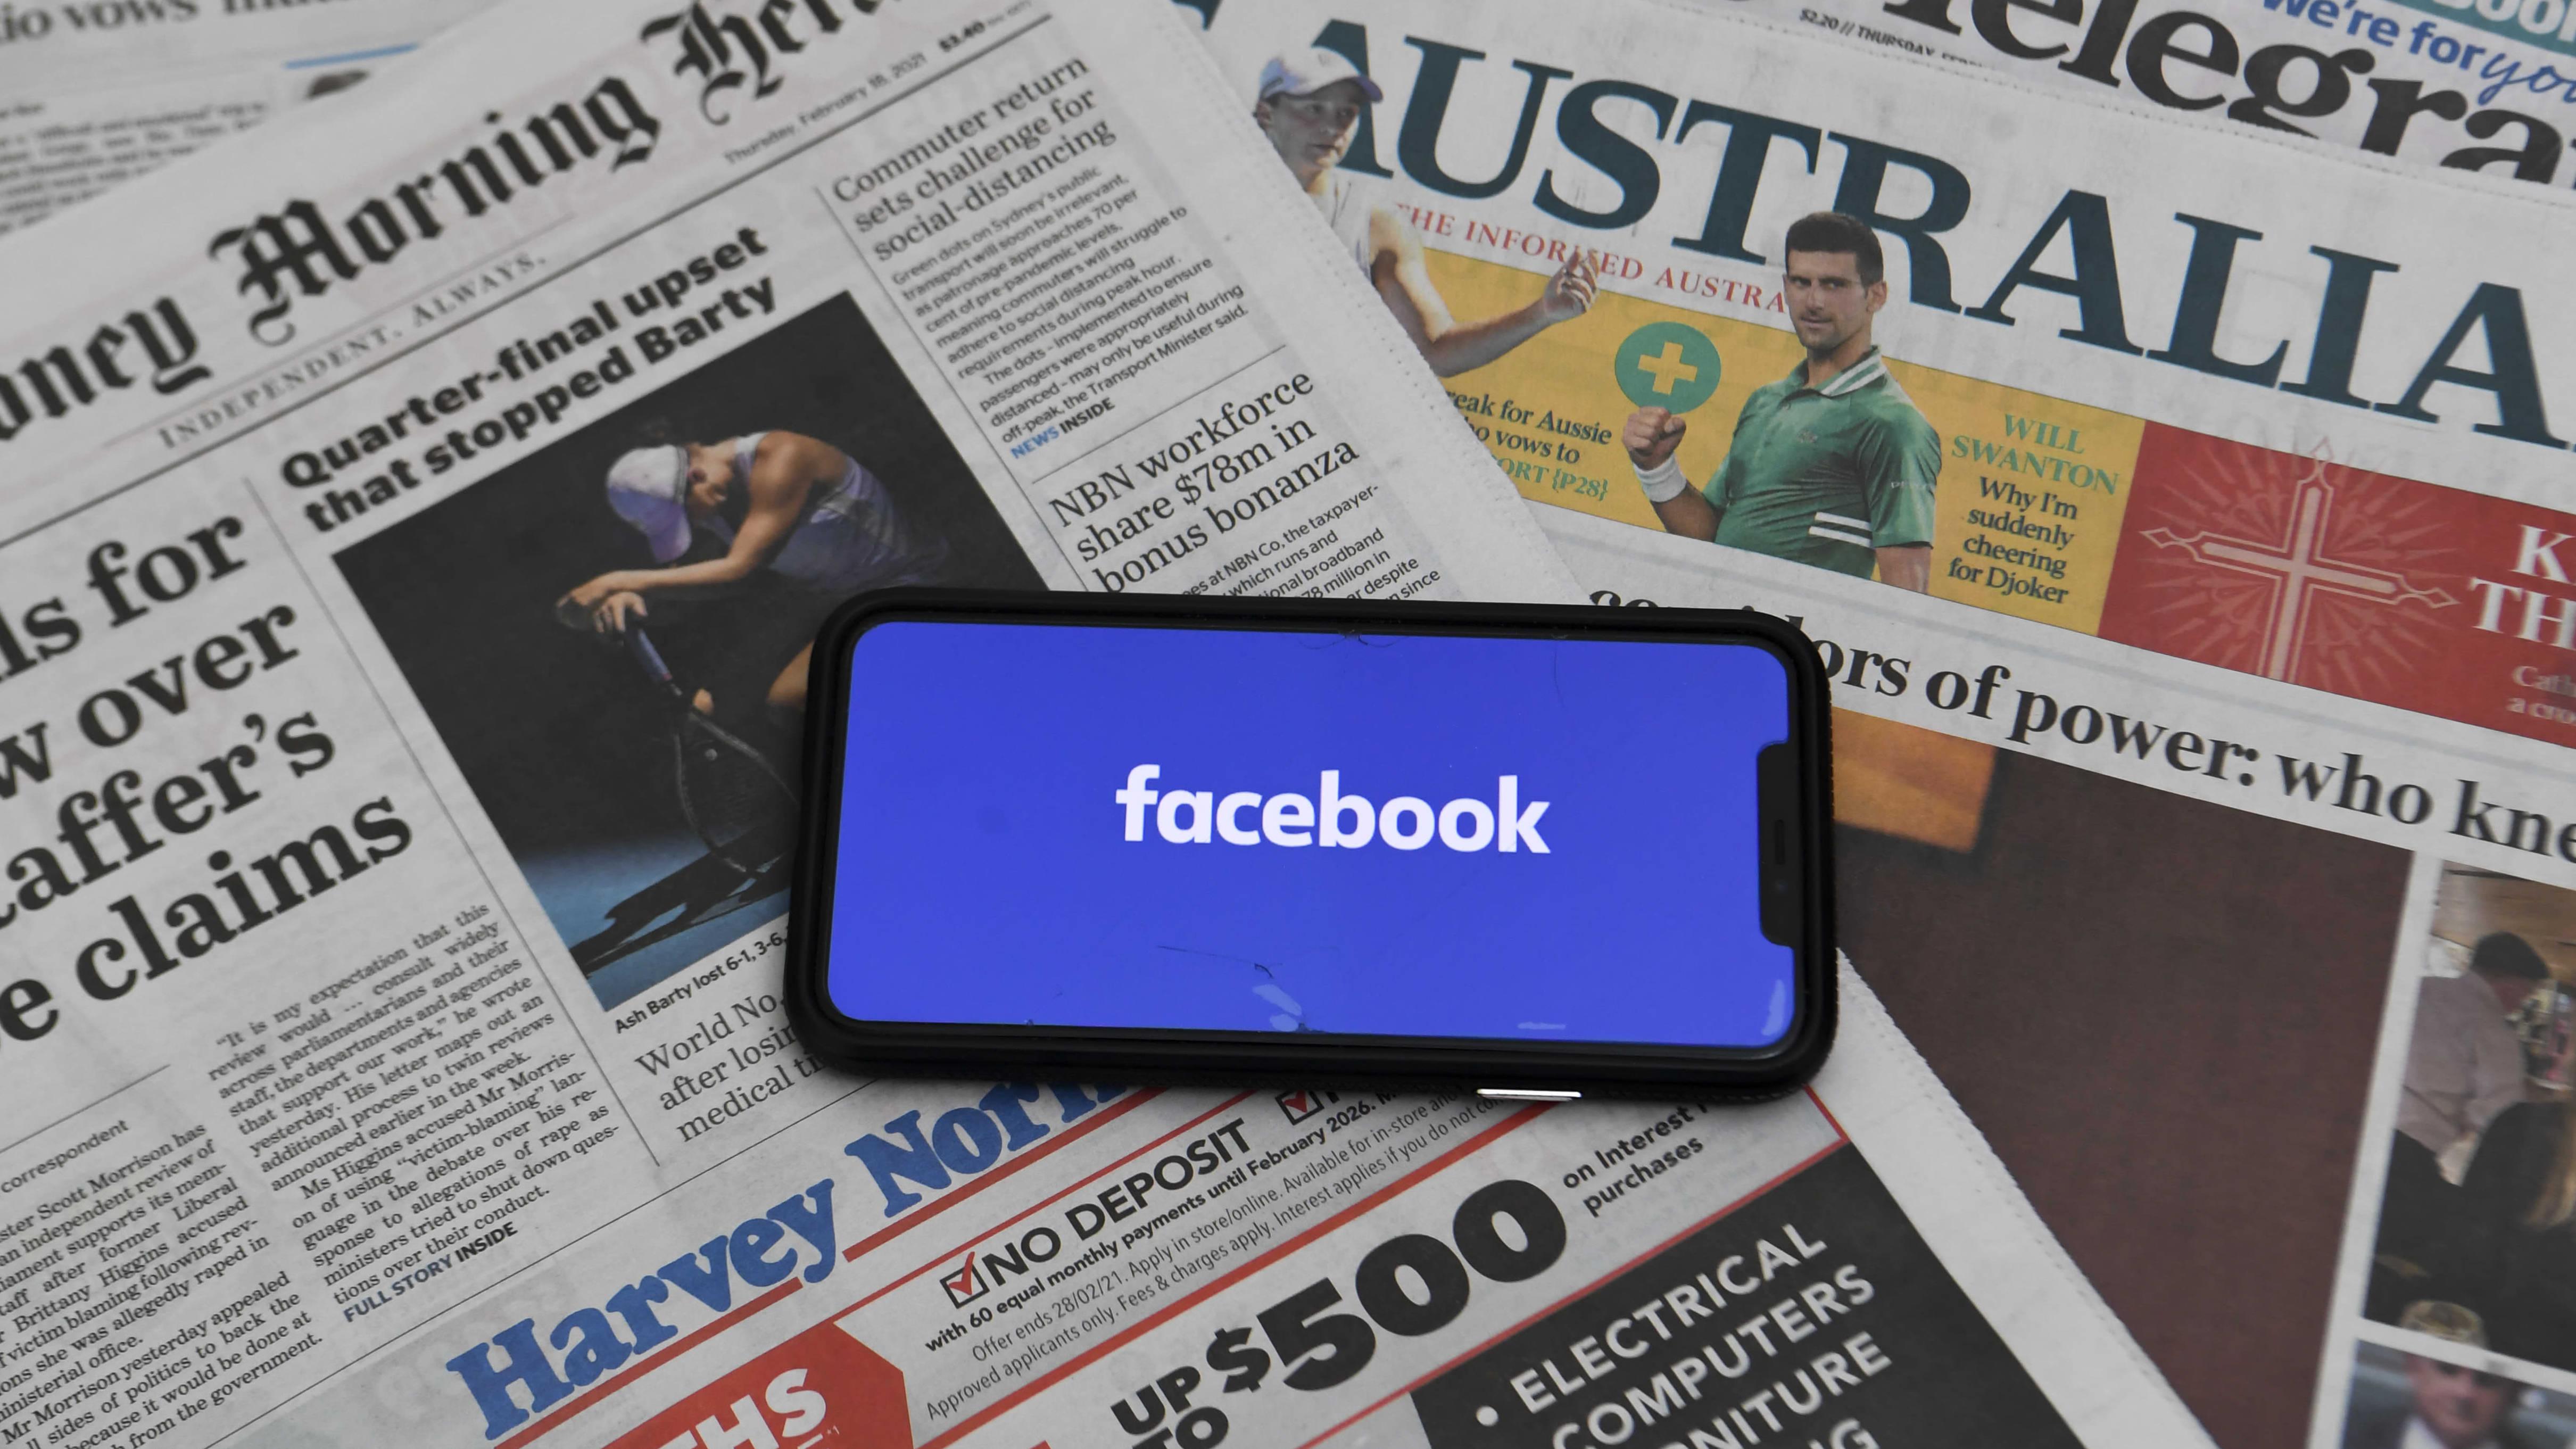 En mobiltelefon med texten facebook på skärmen. Mobiltelefonen ligger på en hög med tidningar från Australien.